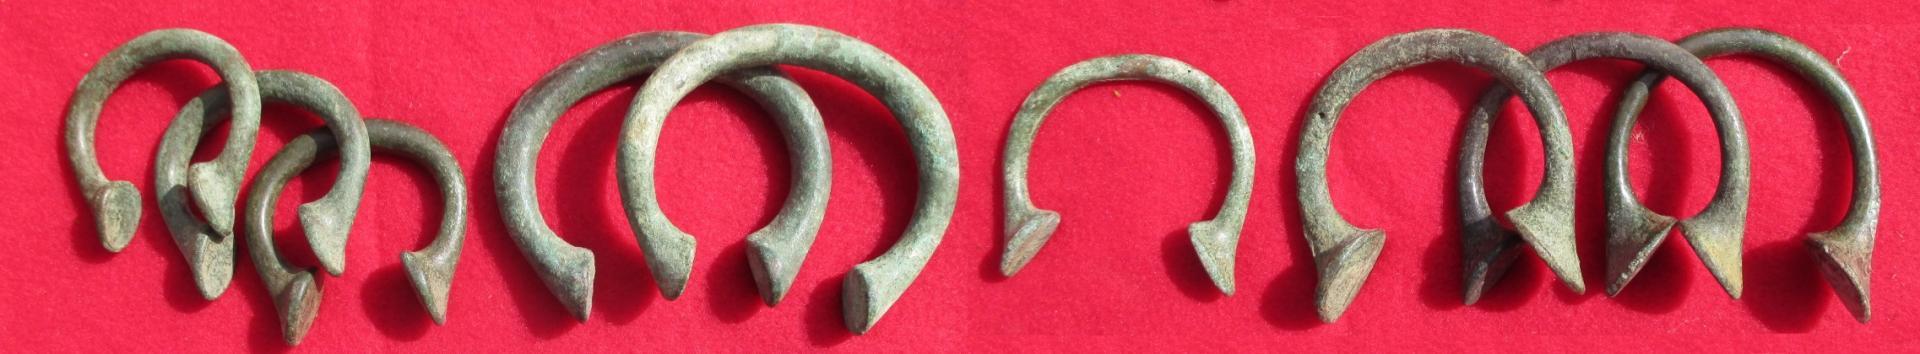 Bracelets manilles monetaires de birmingham bandelette